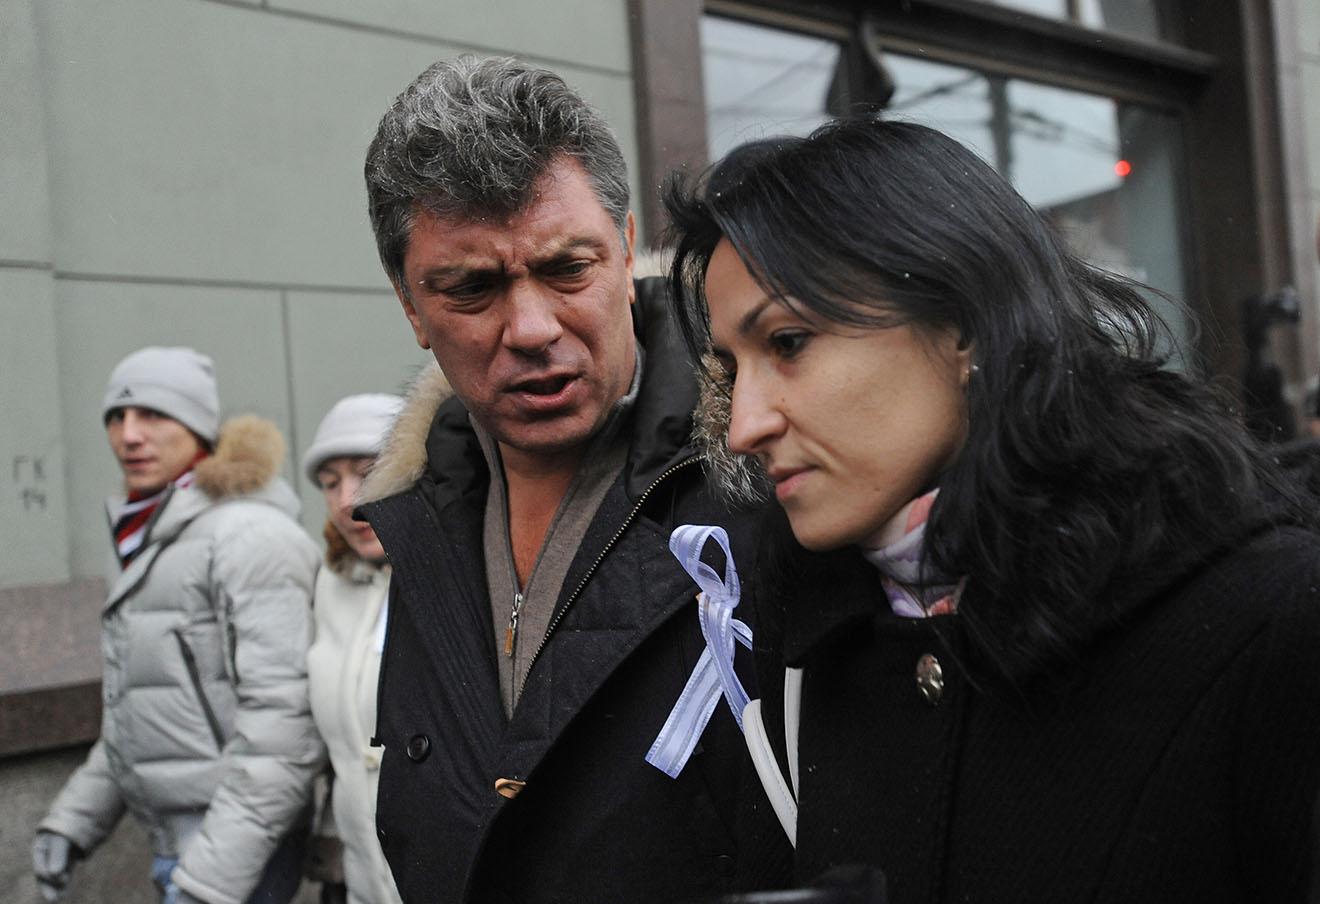 Борис Немцов и Анастасия Удальцова во время шествия от площади Революции на Болотную площадь, 10 декабря 2011 года.